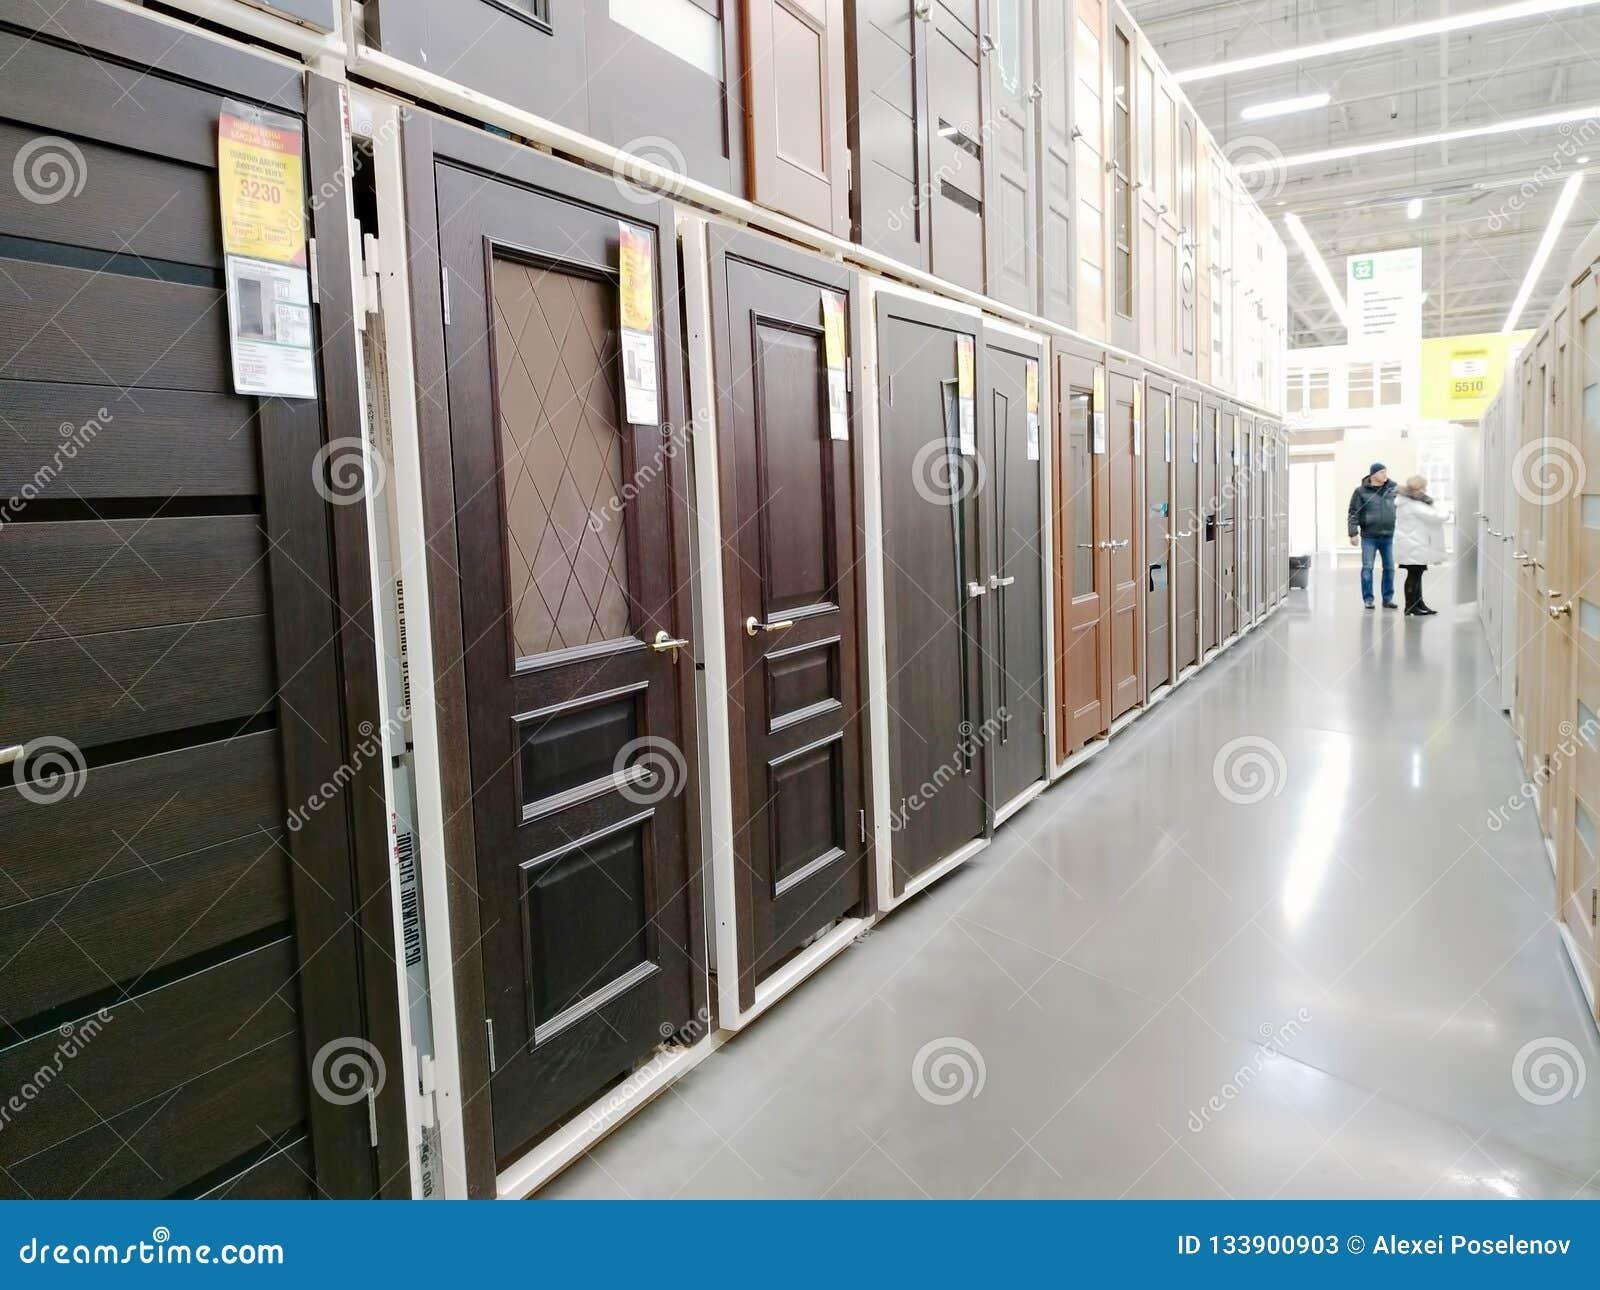 Las Puertas Interiores De Madera Se Venden En Un Supermercado Grande